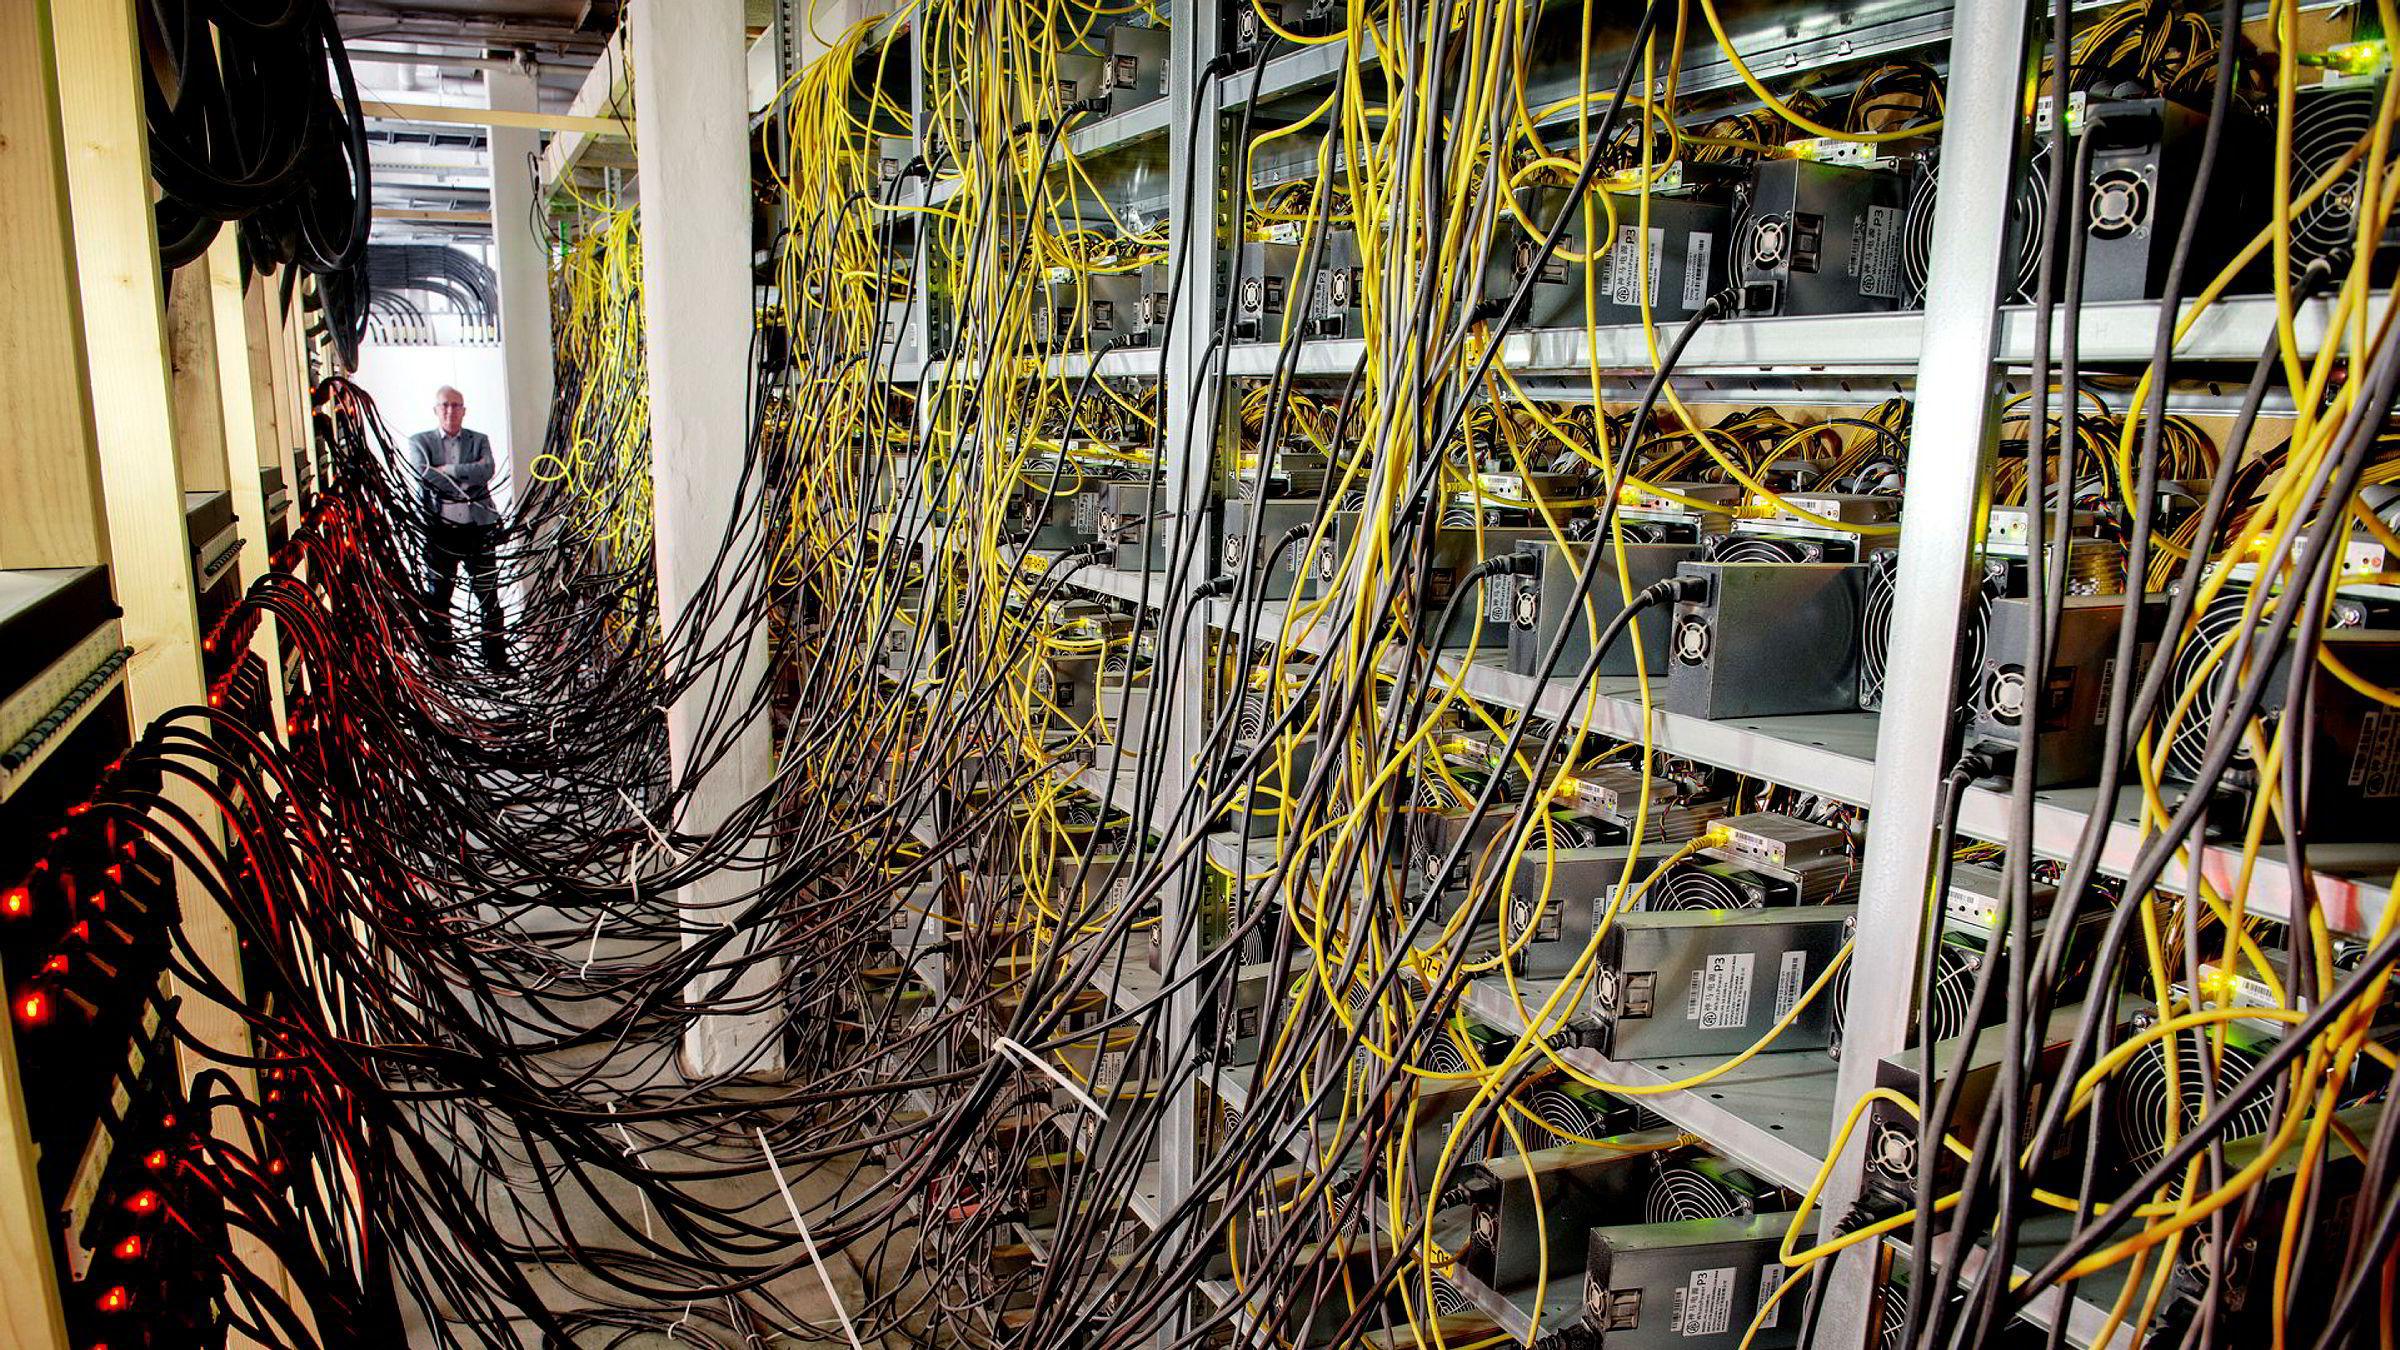 Tidligere statssekretær og finanspolitisk talsperson i Frp, Gjermund Hagesæter (helt i enden), er talsperson og med på eiersiden i Kryptovault-systemet, som leier ut datasenterkapasitet til bitcoinutvinnere.